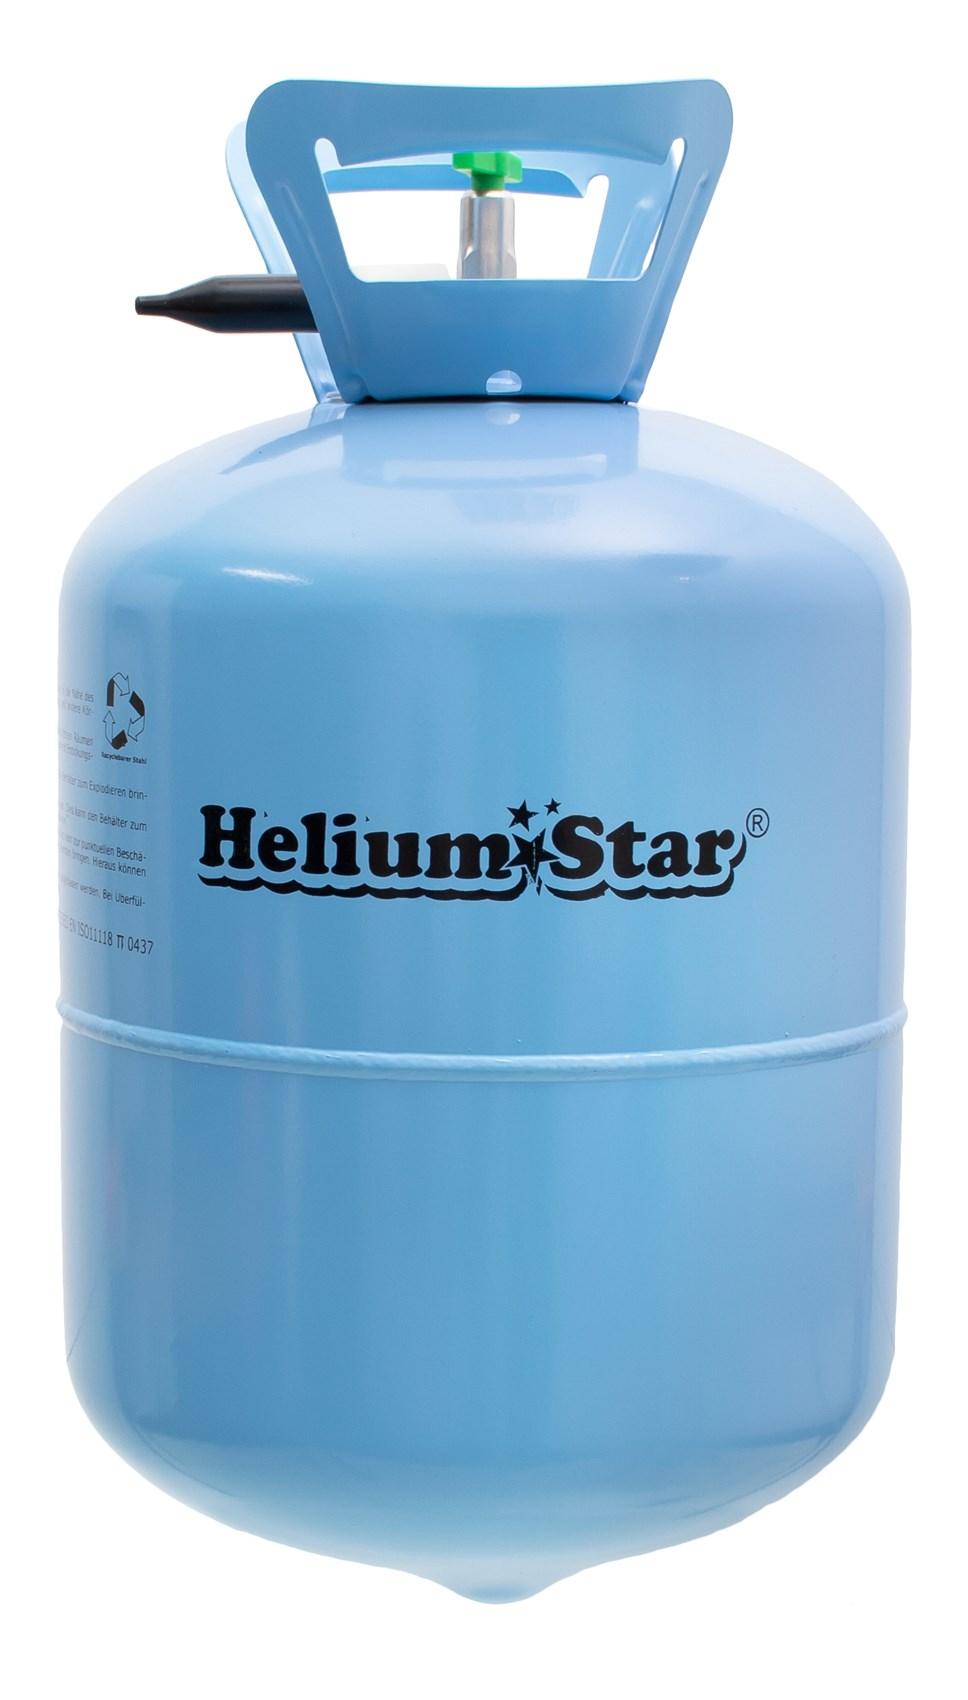 helium marken ballongas heliumstar einwegflasche f r bis. Black Bedroom Furniture Sets. Home Design Ideas